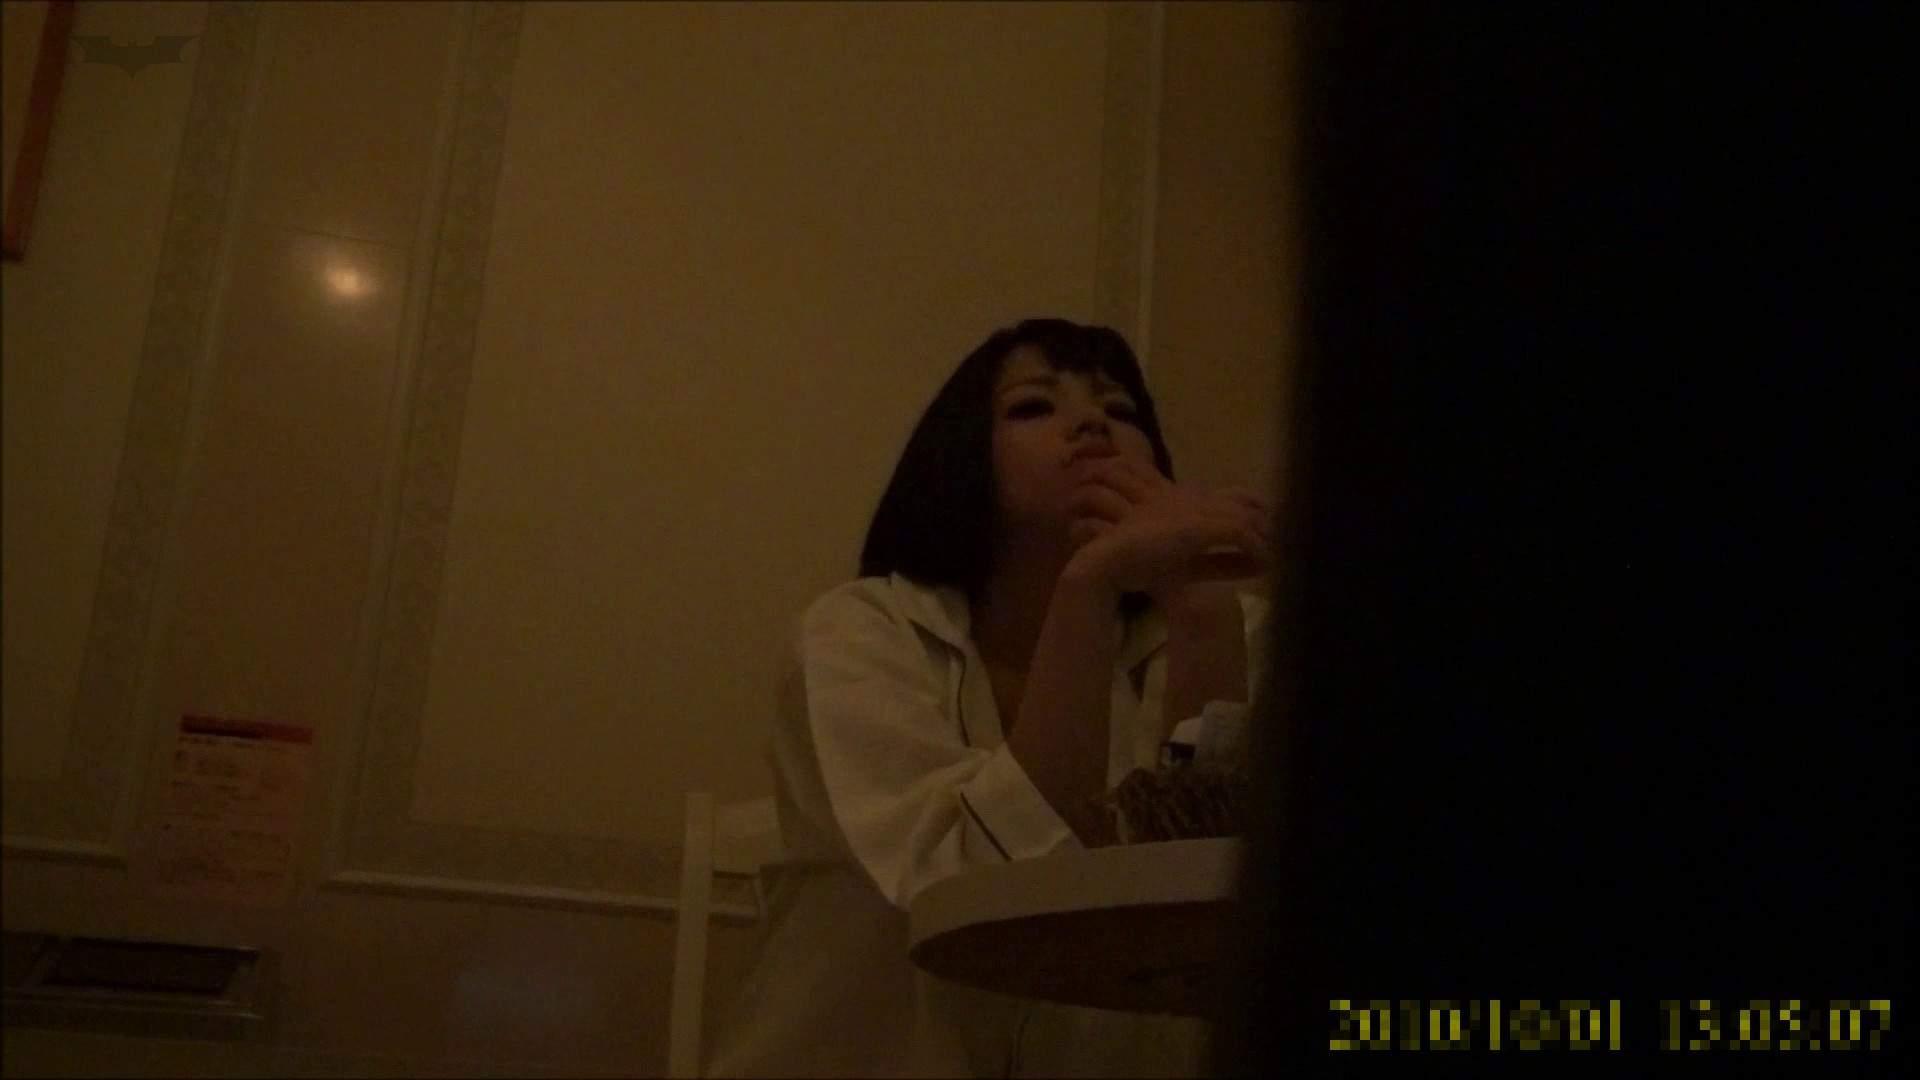 【未公開】vol.96 {茶髪→黒髪ギャル}美巨乳アミちゃん③【前編】 トイレ中   ホテル  96連発 10